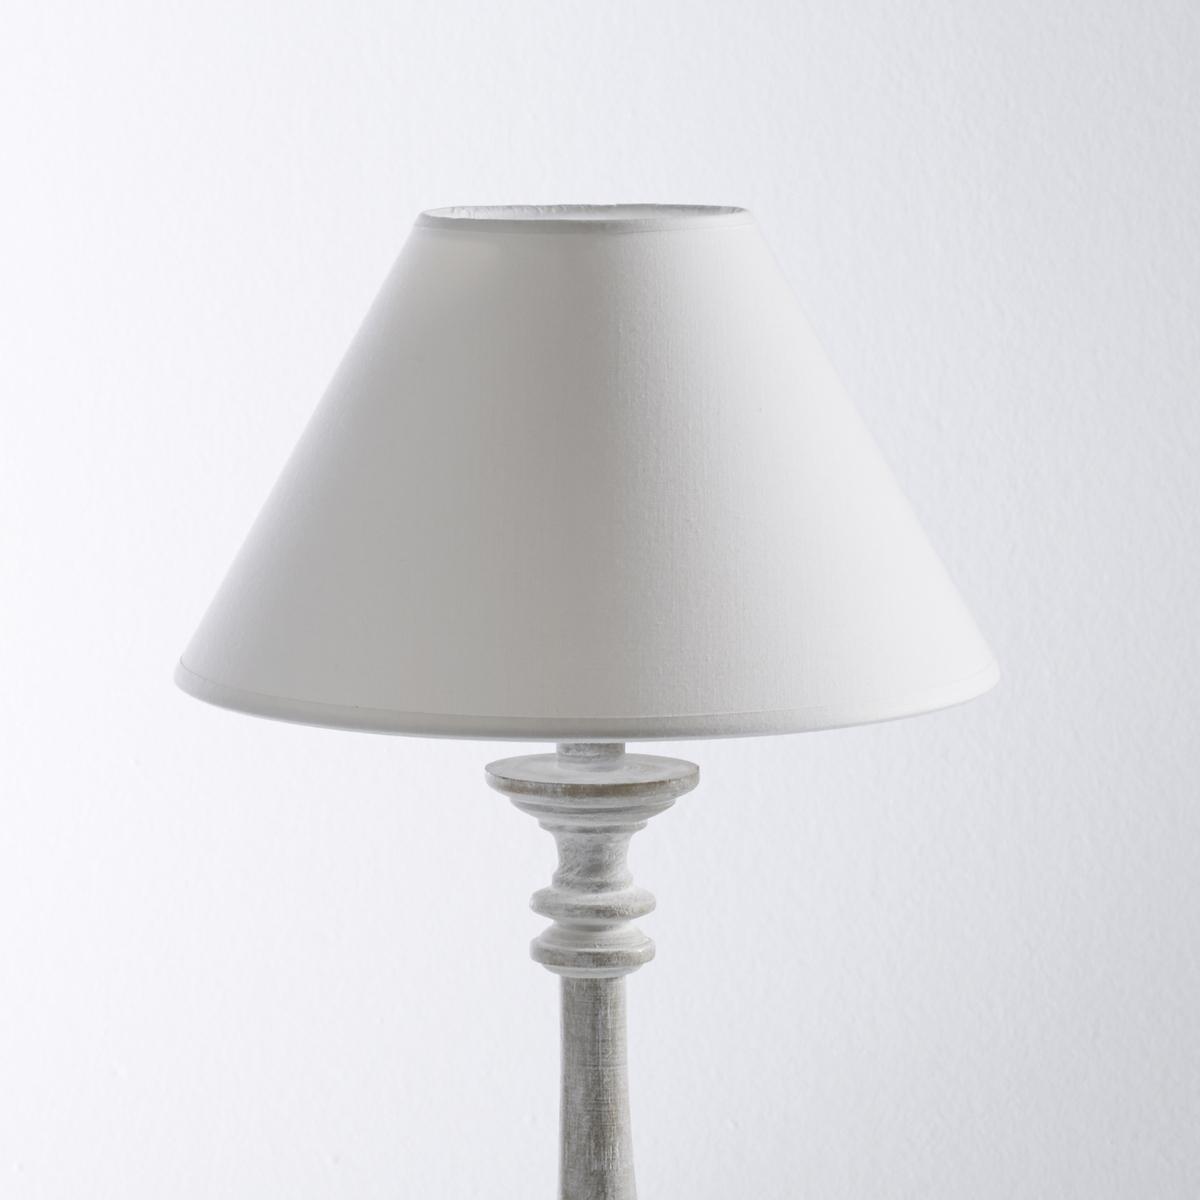 Абажур конусообразныйОписание абажура:Конусообразная форма. Для патронов E27. Описание абажура:100% хлопок.Размеры абажура:Диаметр по низу 25 смВысота 13,5 см.<br><br>Цвет: белый,золотистый,серо-коричневый,серый,экрю